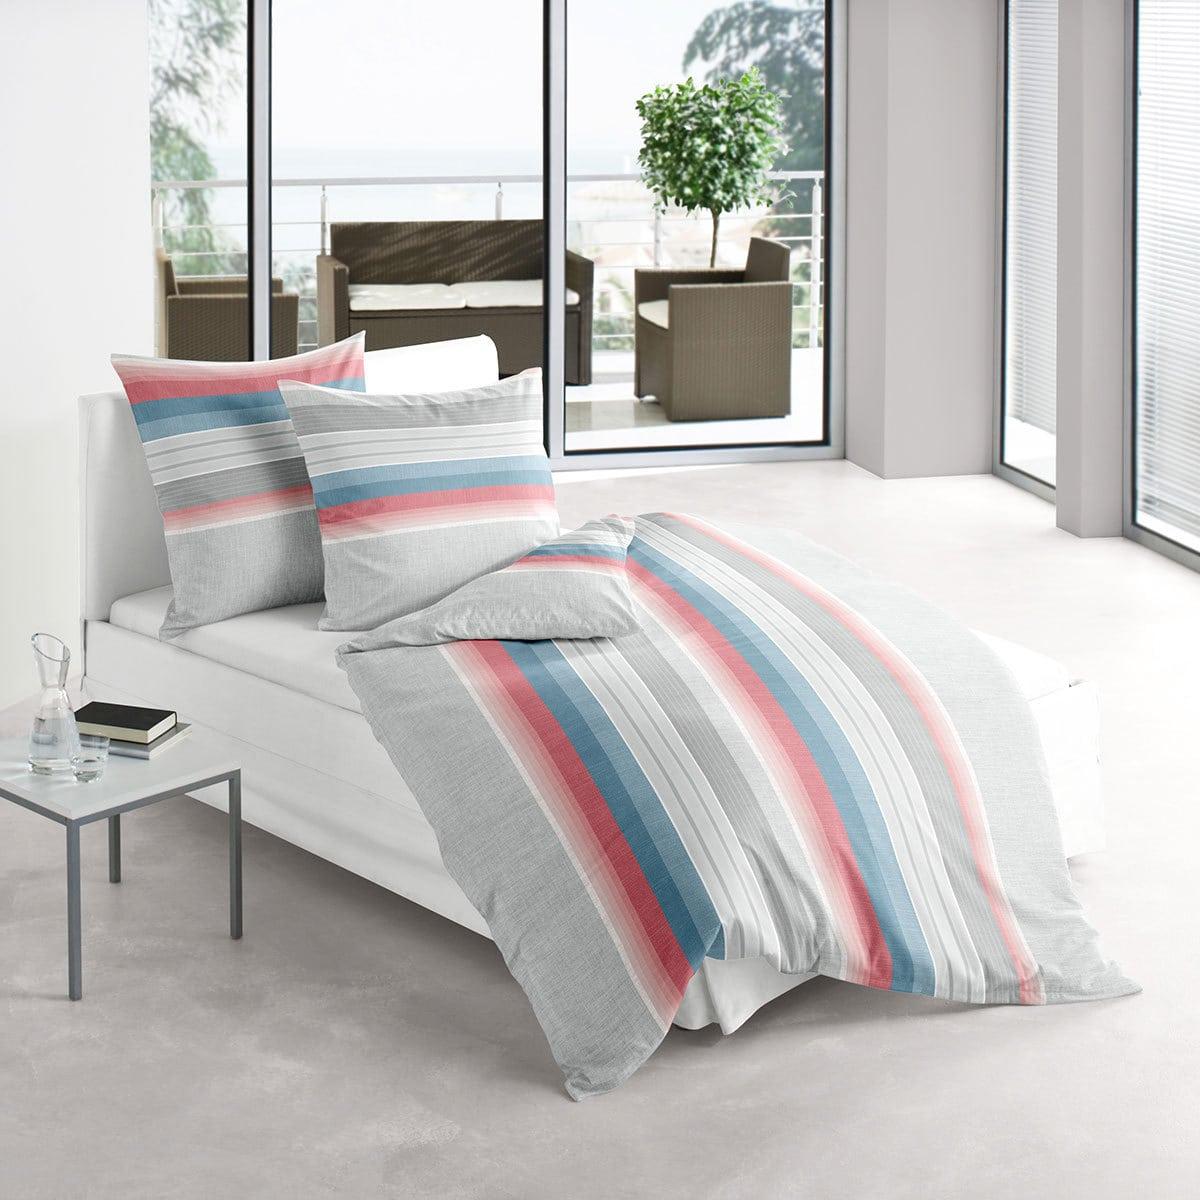 bettw sche 155 200 machen sie den preisvergleich bei nextag. Black Bedroom Furniture Sets. Home Design Ideas